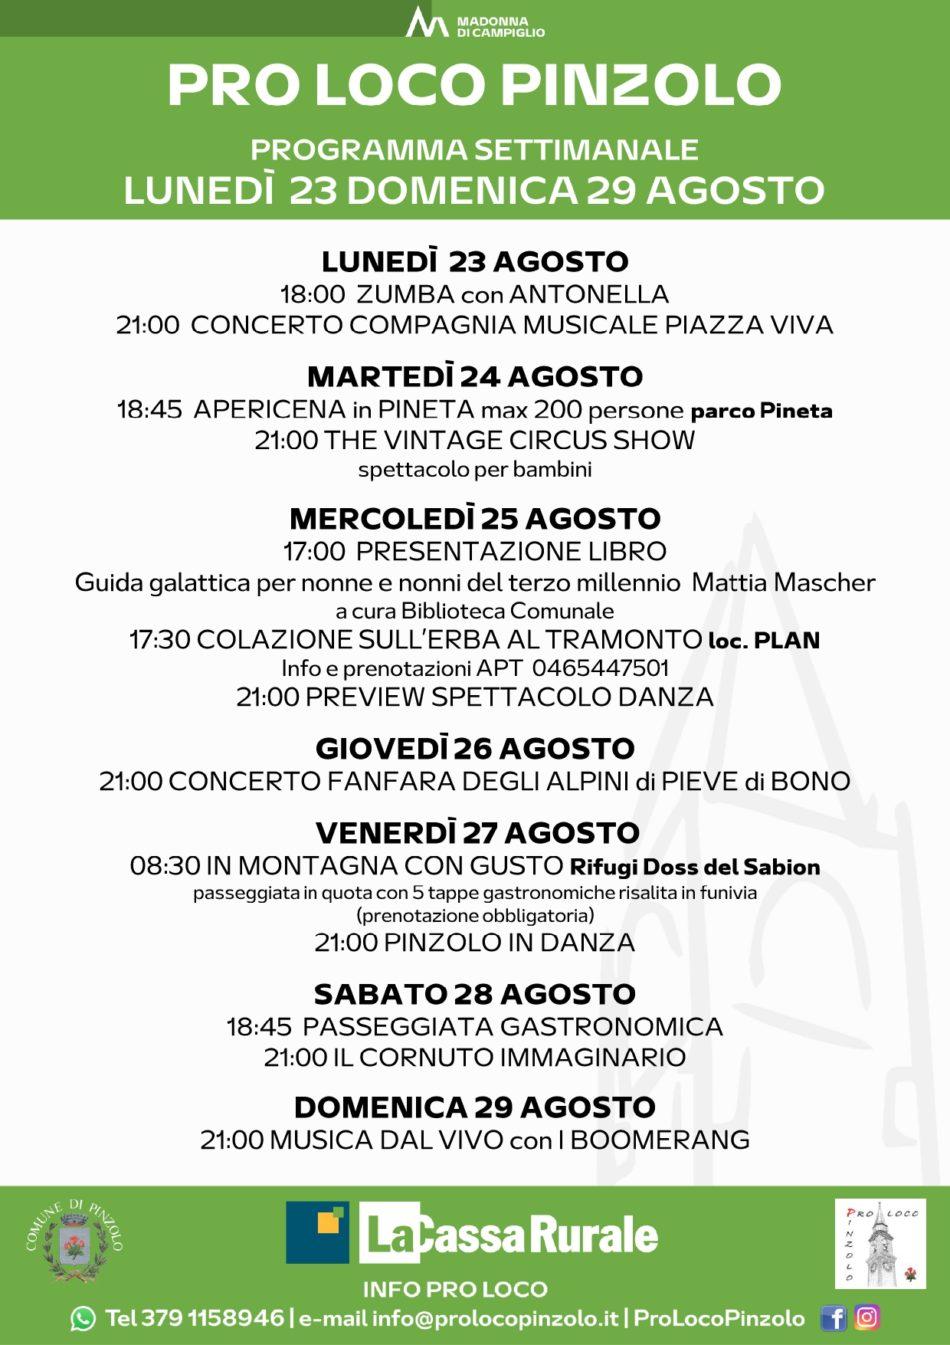 Pro Loco Pinzolo: Programmazione settimanale – Lunedì 23 agosto Domenica 29 agosto 2021